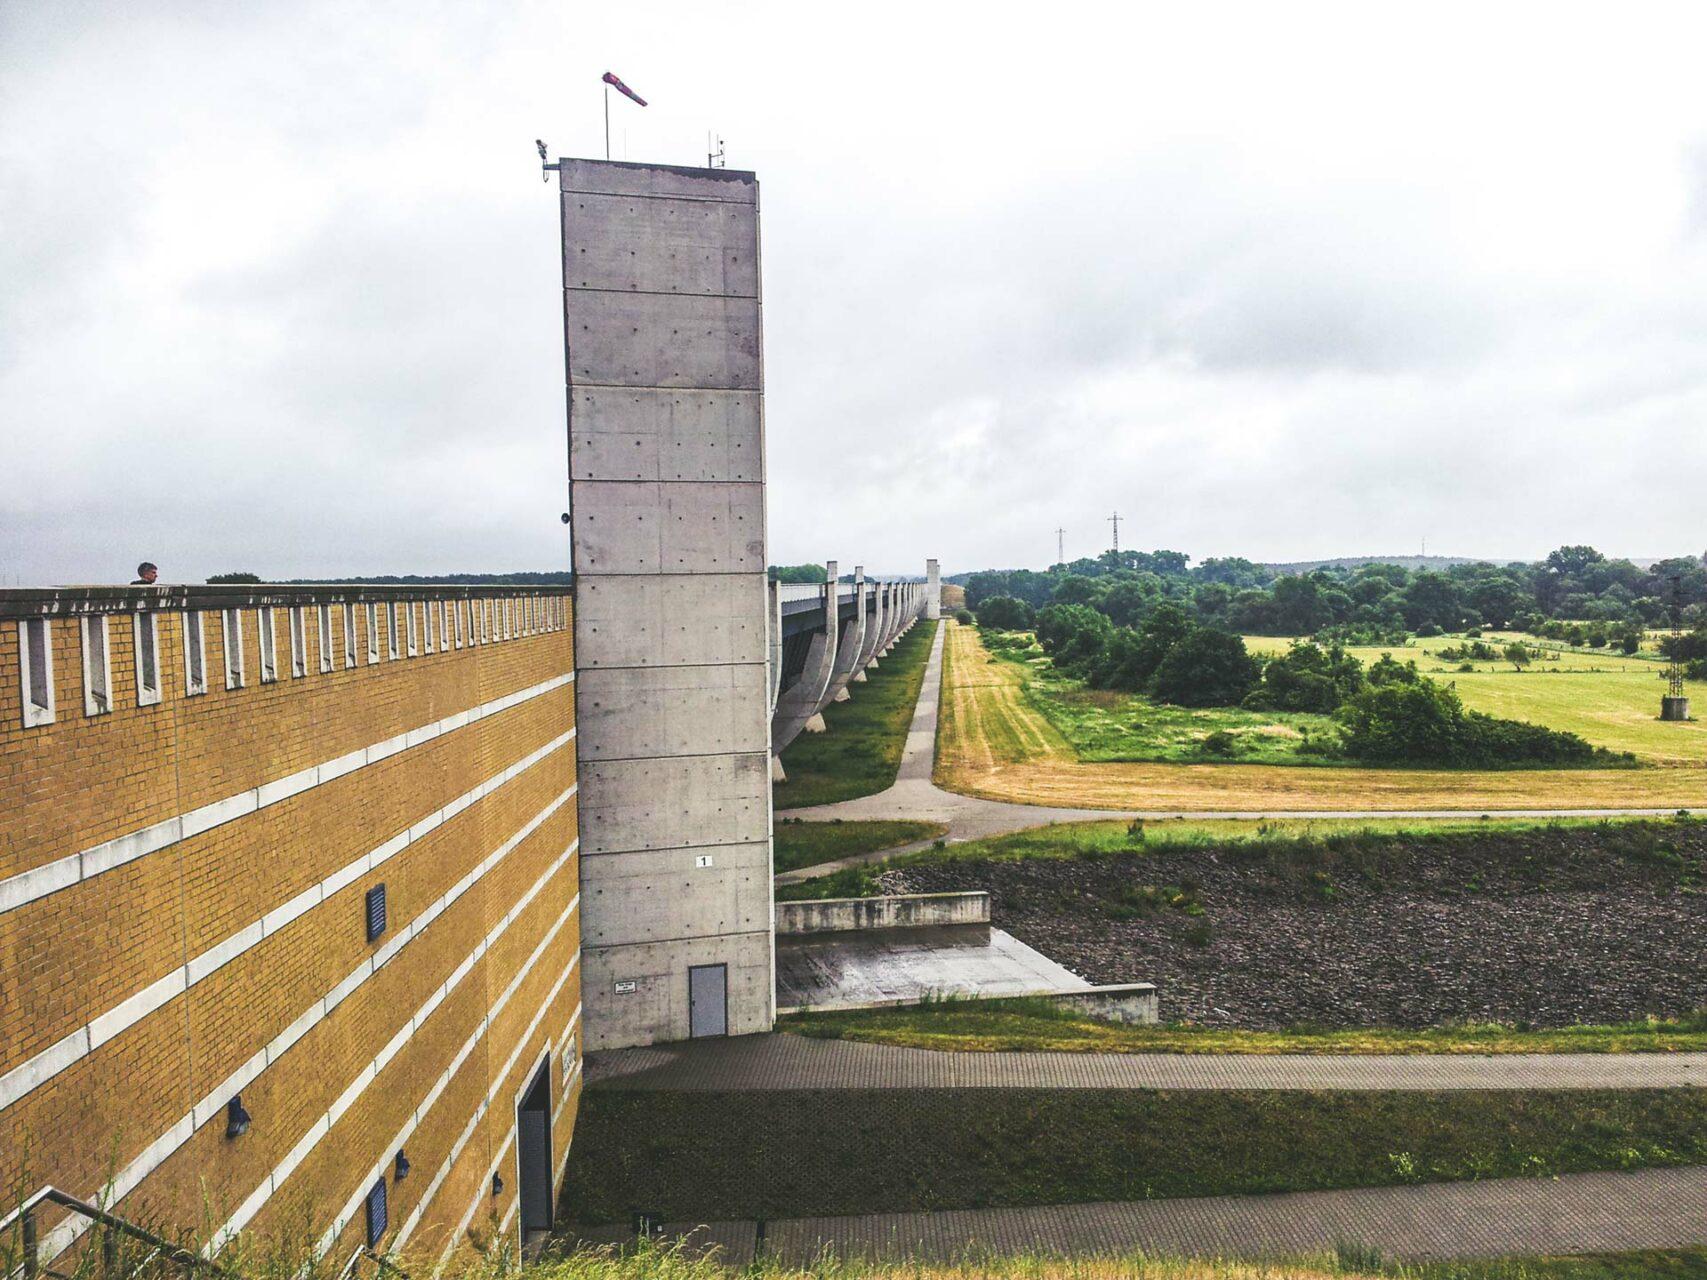 Der Mittellandkanal – eine Trogbrücke für Schiffe aller Art, um über die darunter fließende Elbe zu gelangen.